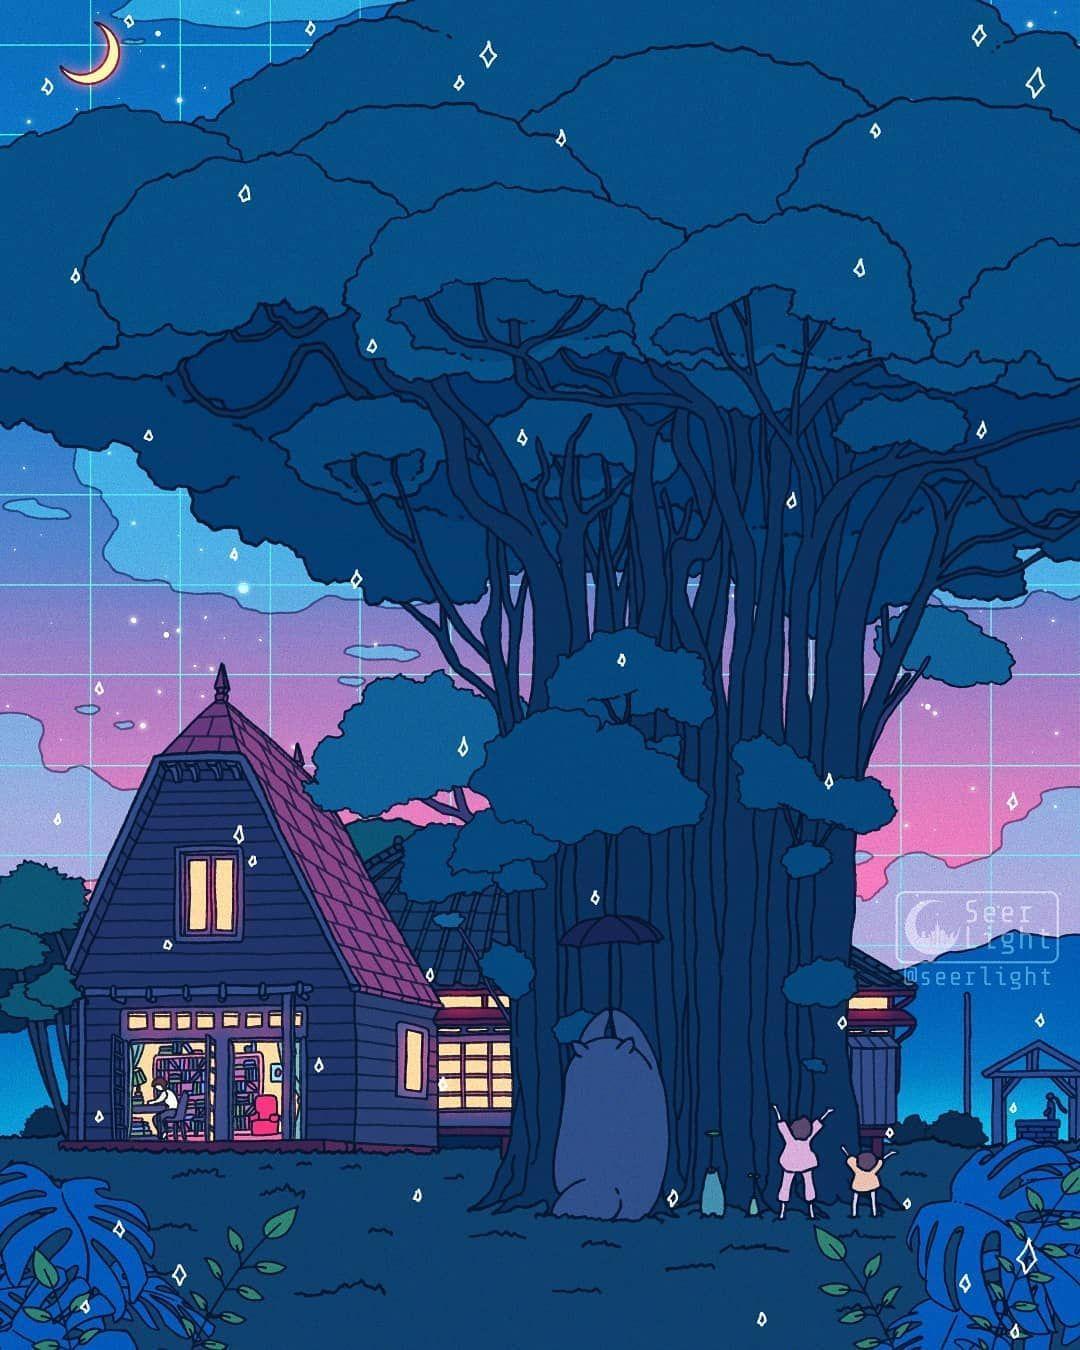 Digital Doodles By Seerlight Digital Art Artwoonz In 2020 Ghibli Artwork Studio Ghibli Movies Anime Scenery Wallpaper